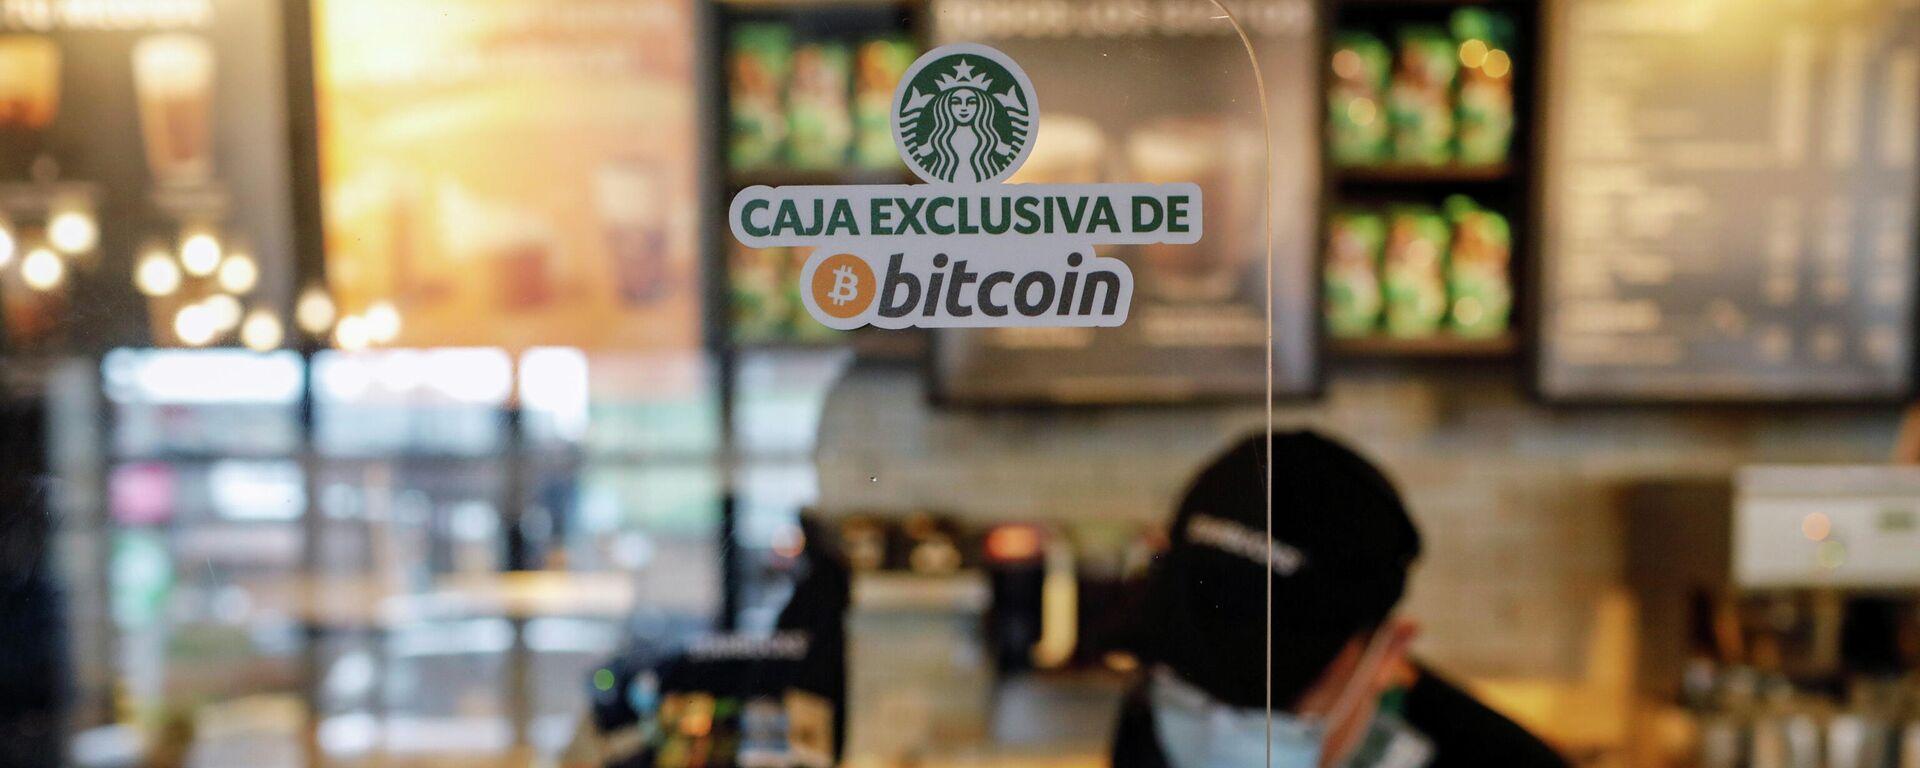 Una caja exclusiva para bitcóin en la cadena de cafeterías Starbucks en El Salvador - Sputnik Mundo, 1920, 14.09.2021